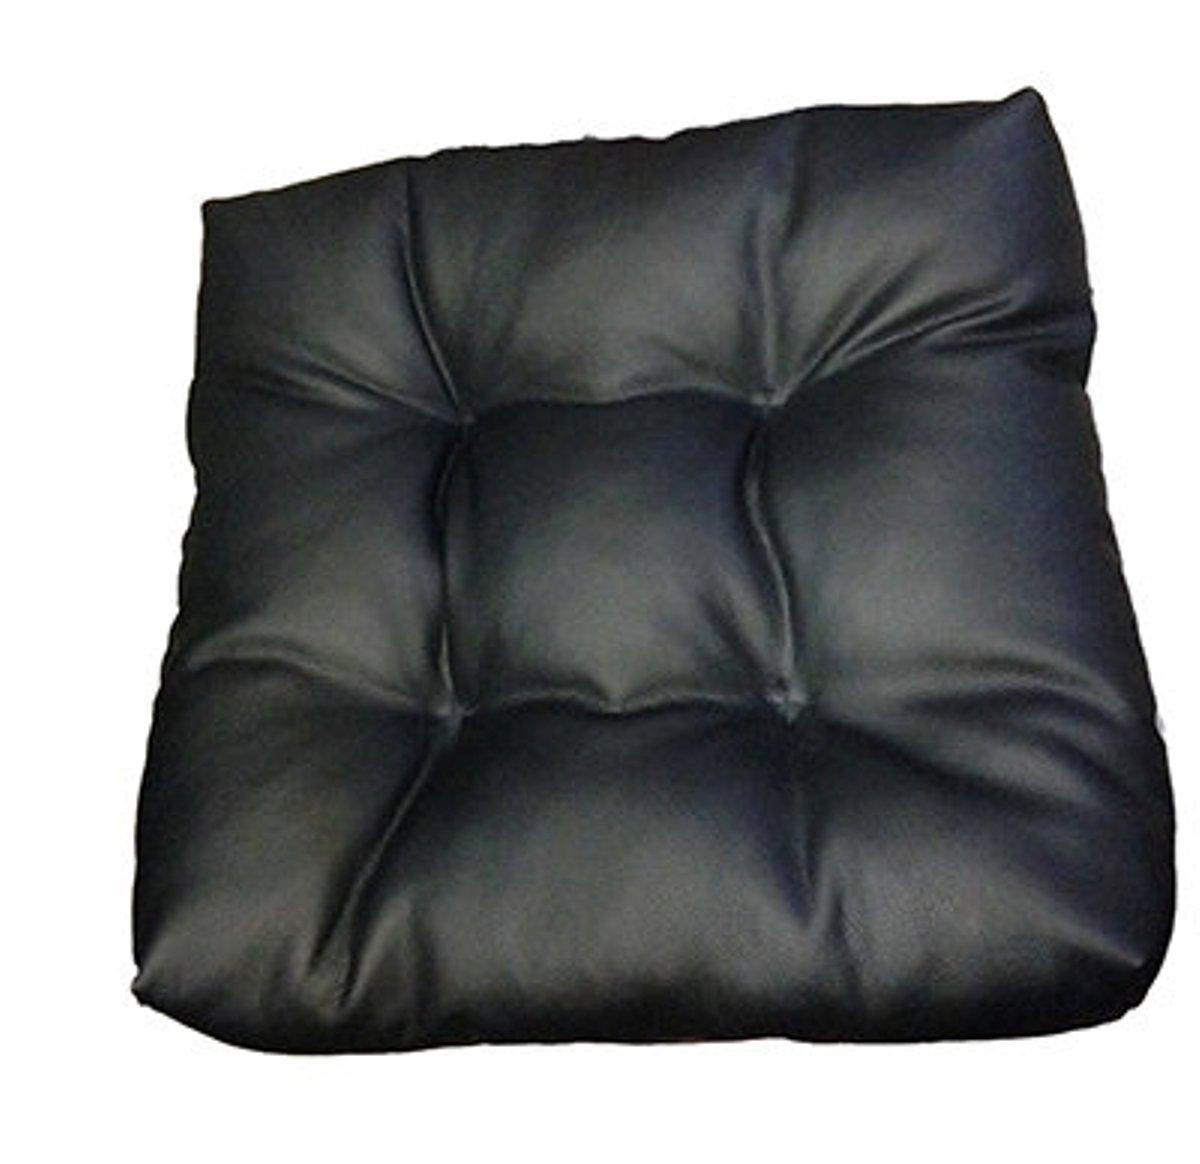 Подушка на сиденье Auto premium, с фиксирующим ремнем, цвет: черный. 77011/М08137047Подушка на сиденье выполнена в стеганом стиле. Материал поверхности - высококачественная экокожа. Тем самым достигается прочность и долговечность, сравнимая с натуральной кожей. Стоит отметить, что этот материал стал выбором для большинства производителей мебели и чехлов на сиденья, именно благодаря своей прочности. Набита подушка наполнителем на основе силиконизированного волокна. Что придает ей мягкость и комфорт высокого уровня. Подушка способна поднять автомобильное сиденье на пять-семь сантиметров. Степень набивки можно регулировать благодаря наличию молнии